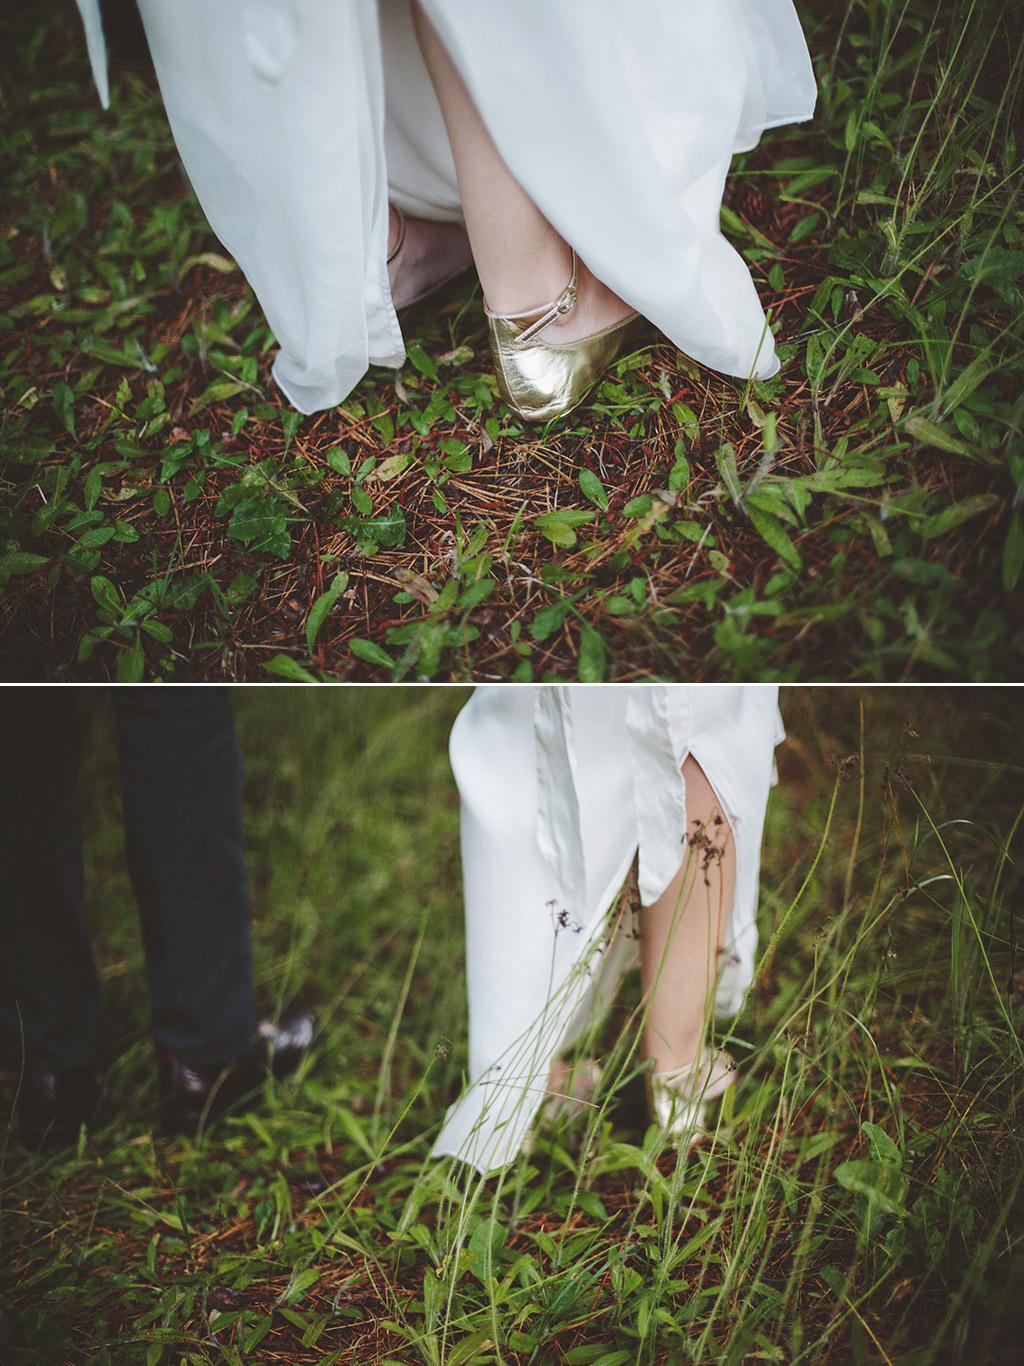 gold wedding shoes at woodland wedding